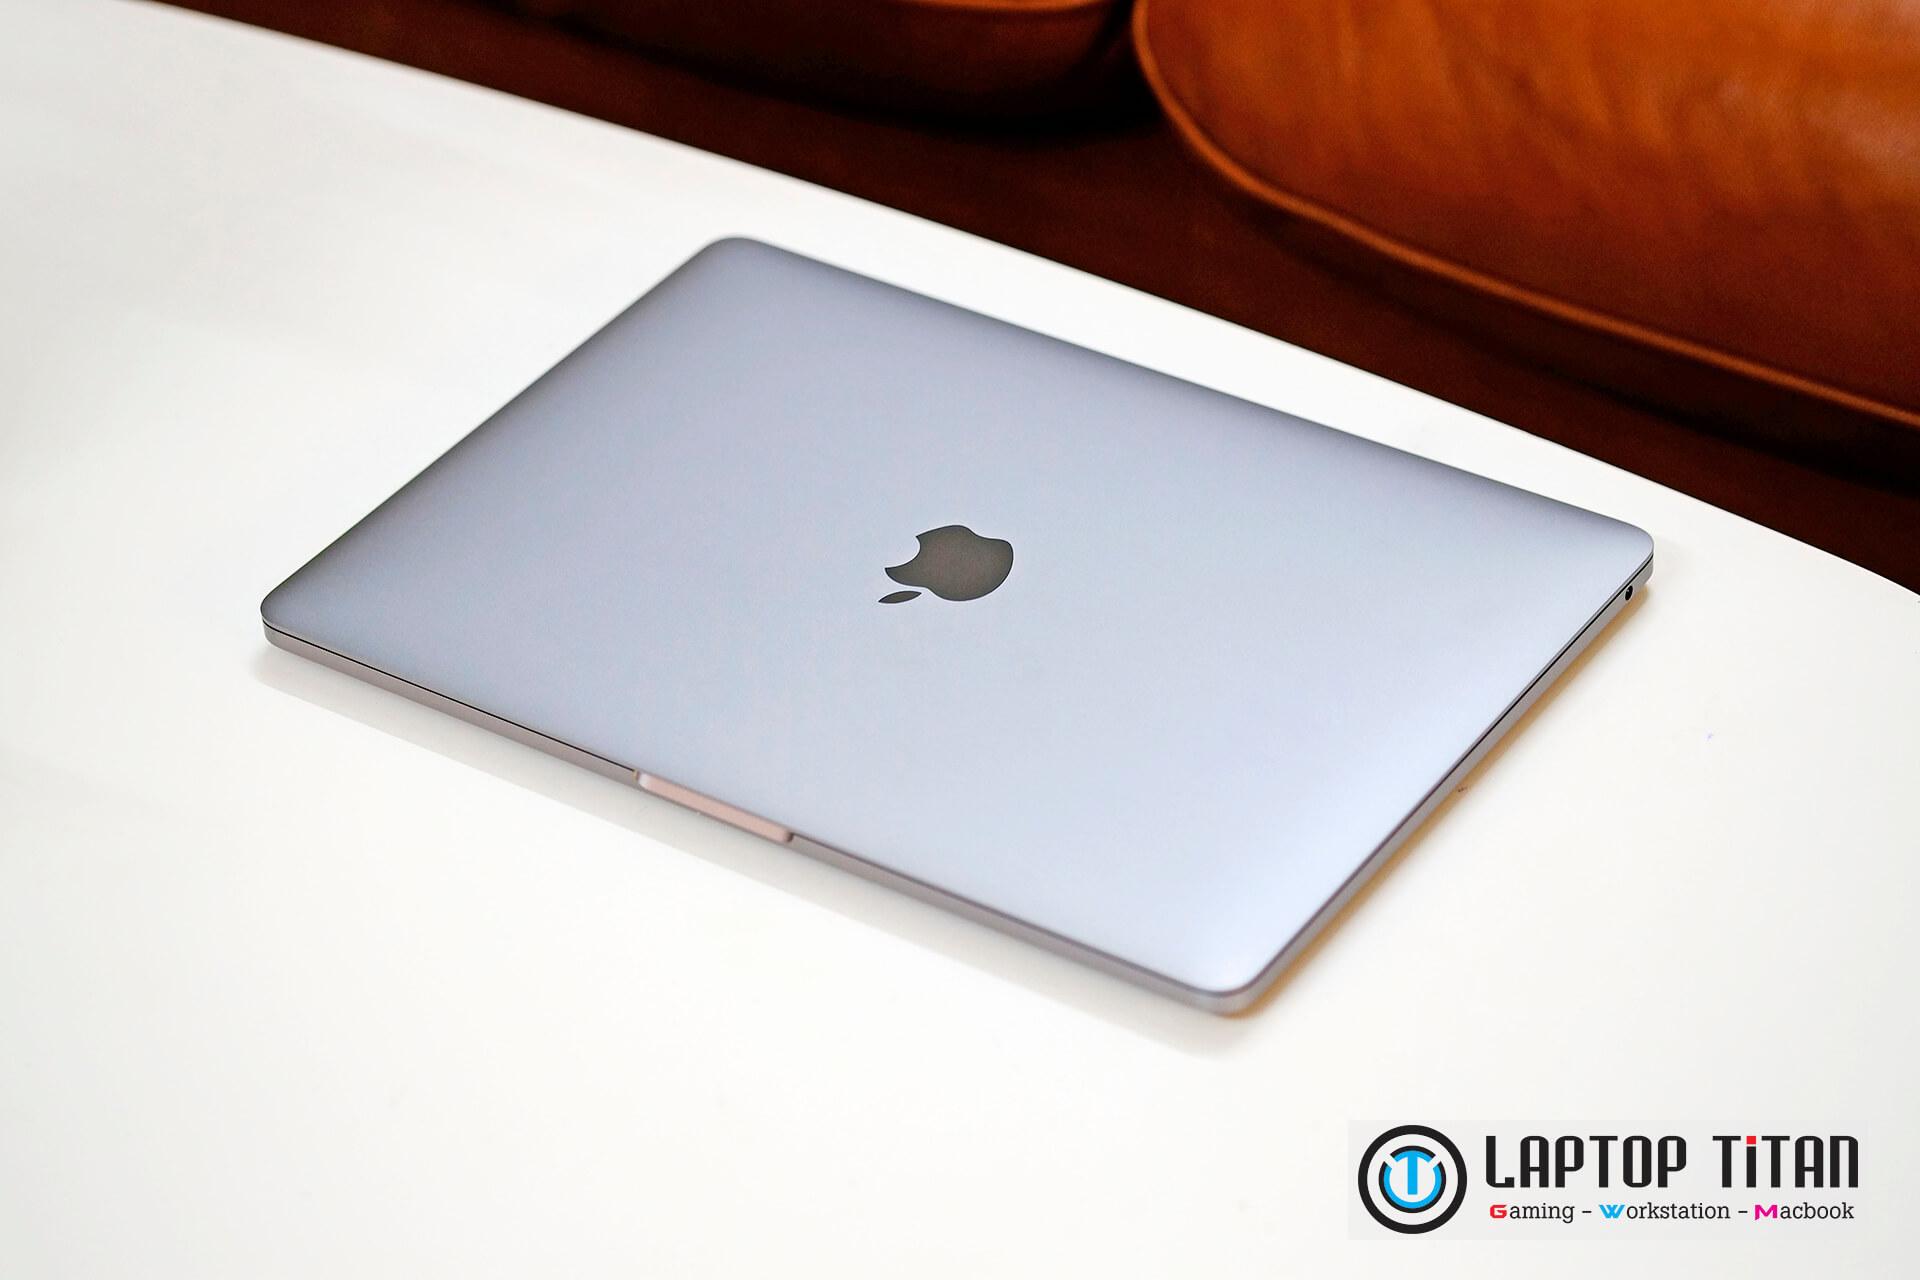 Macbook Pro M1 Laptoptitan 02